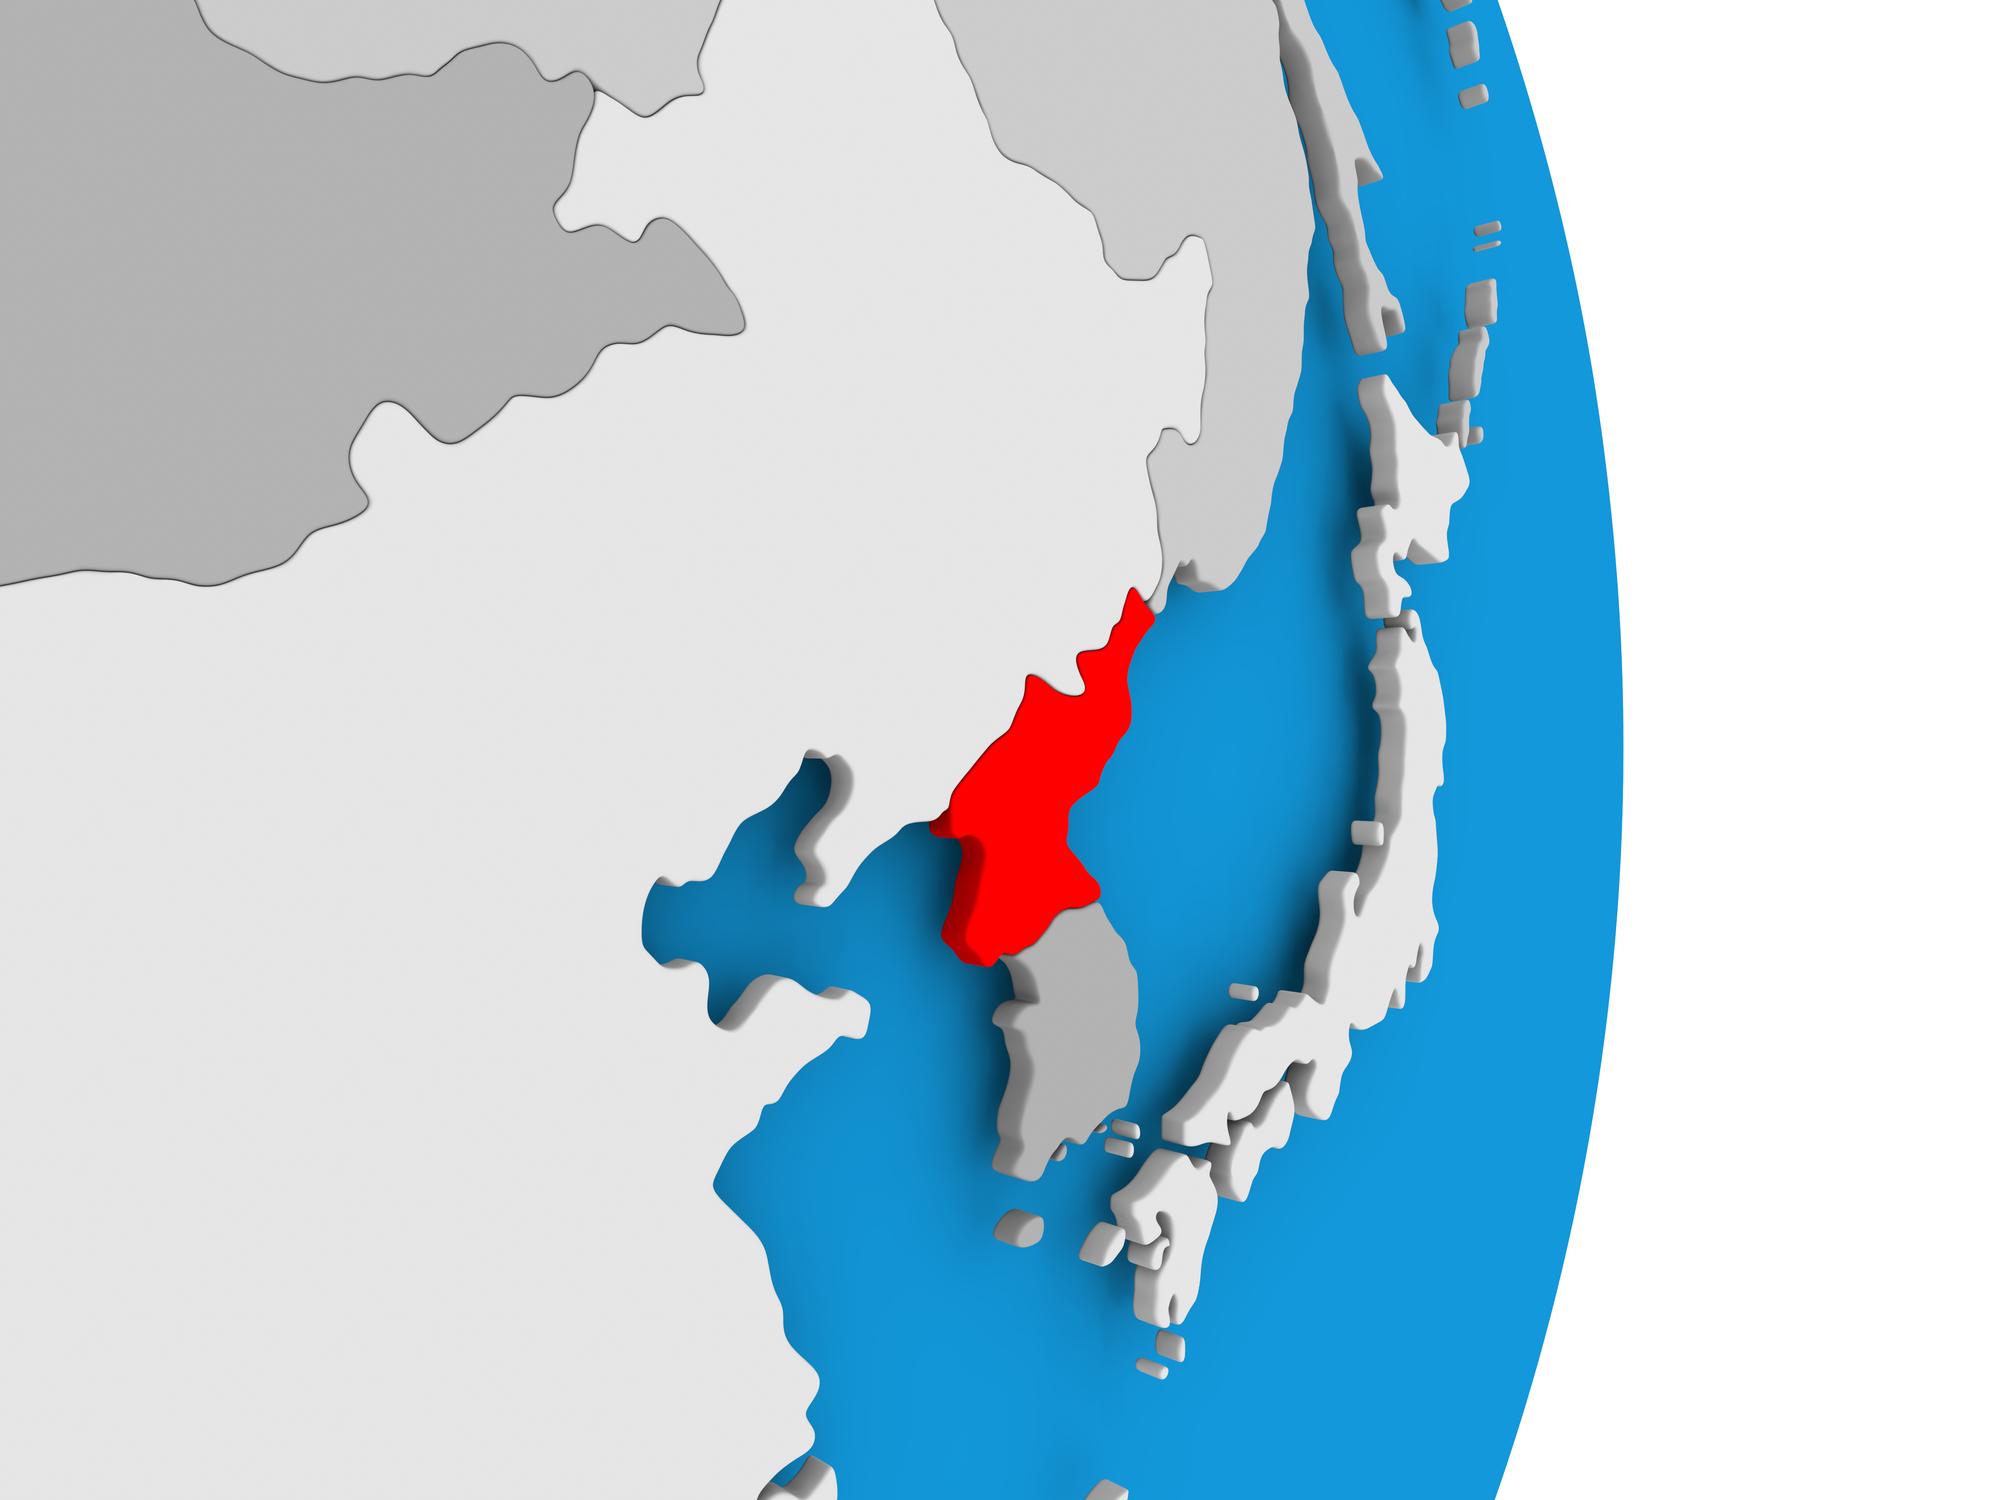 米朝首脳会談が突然起きた背景とは!?韓国から米軍引き上げが起きるのか?